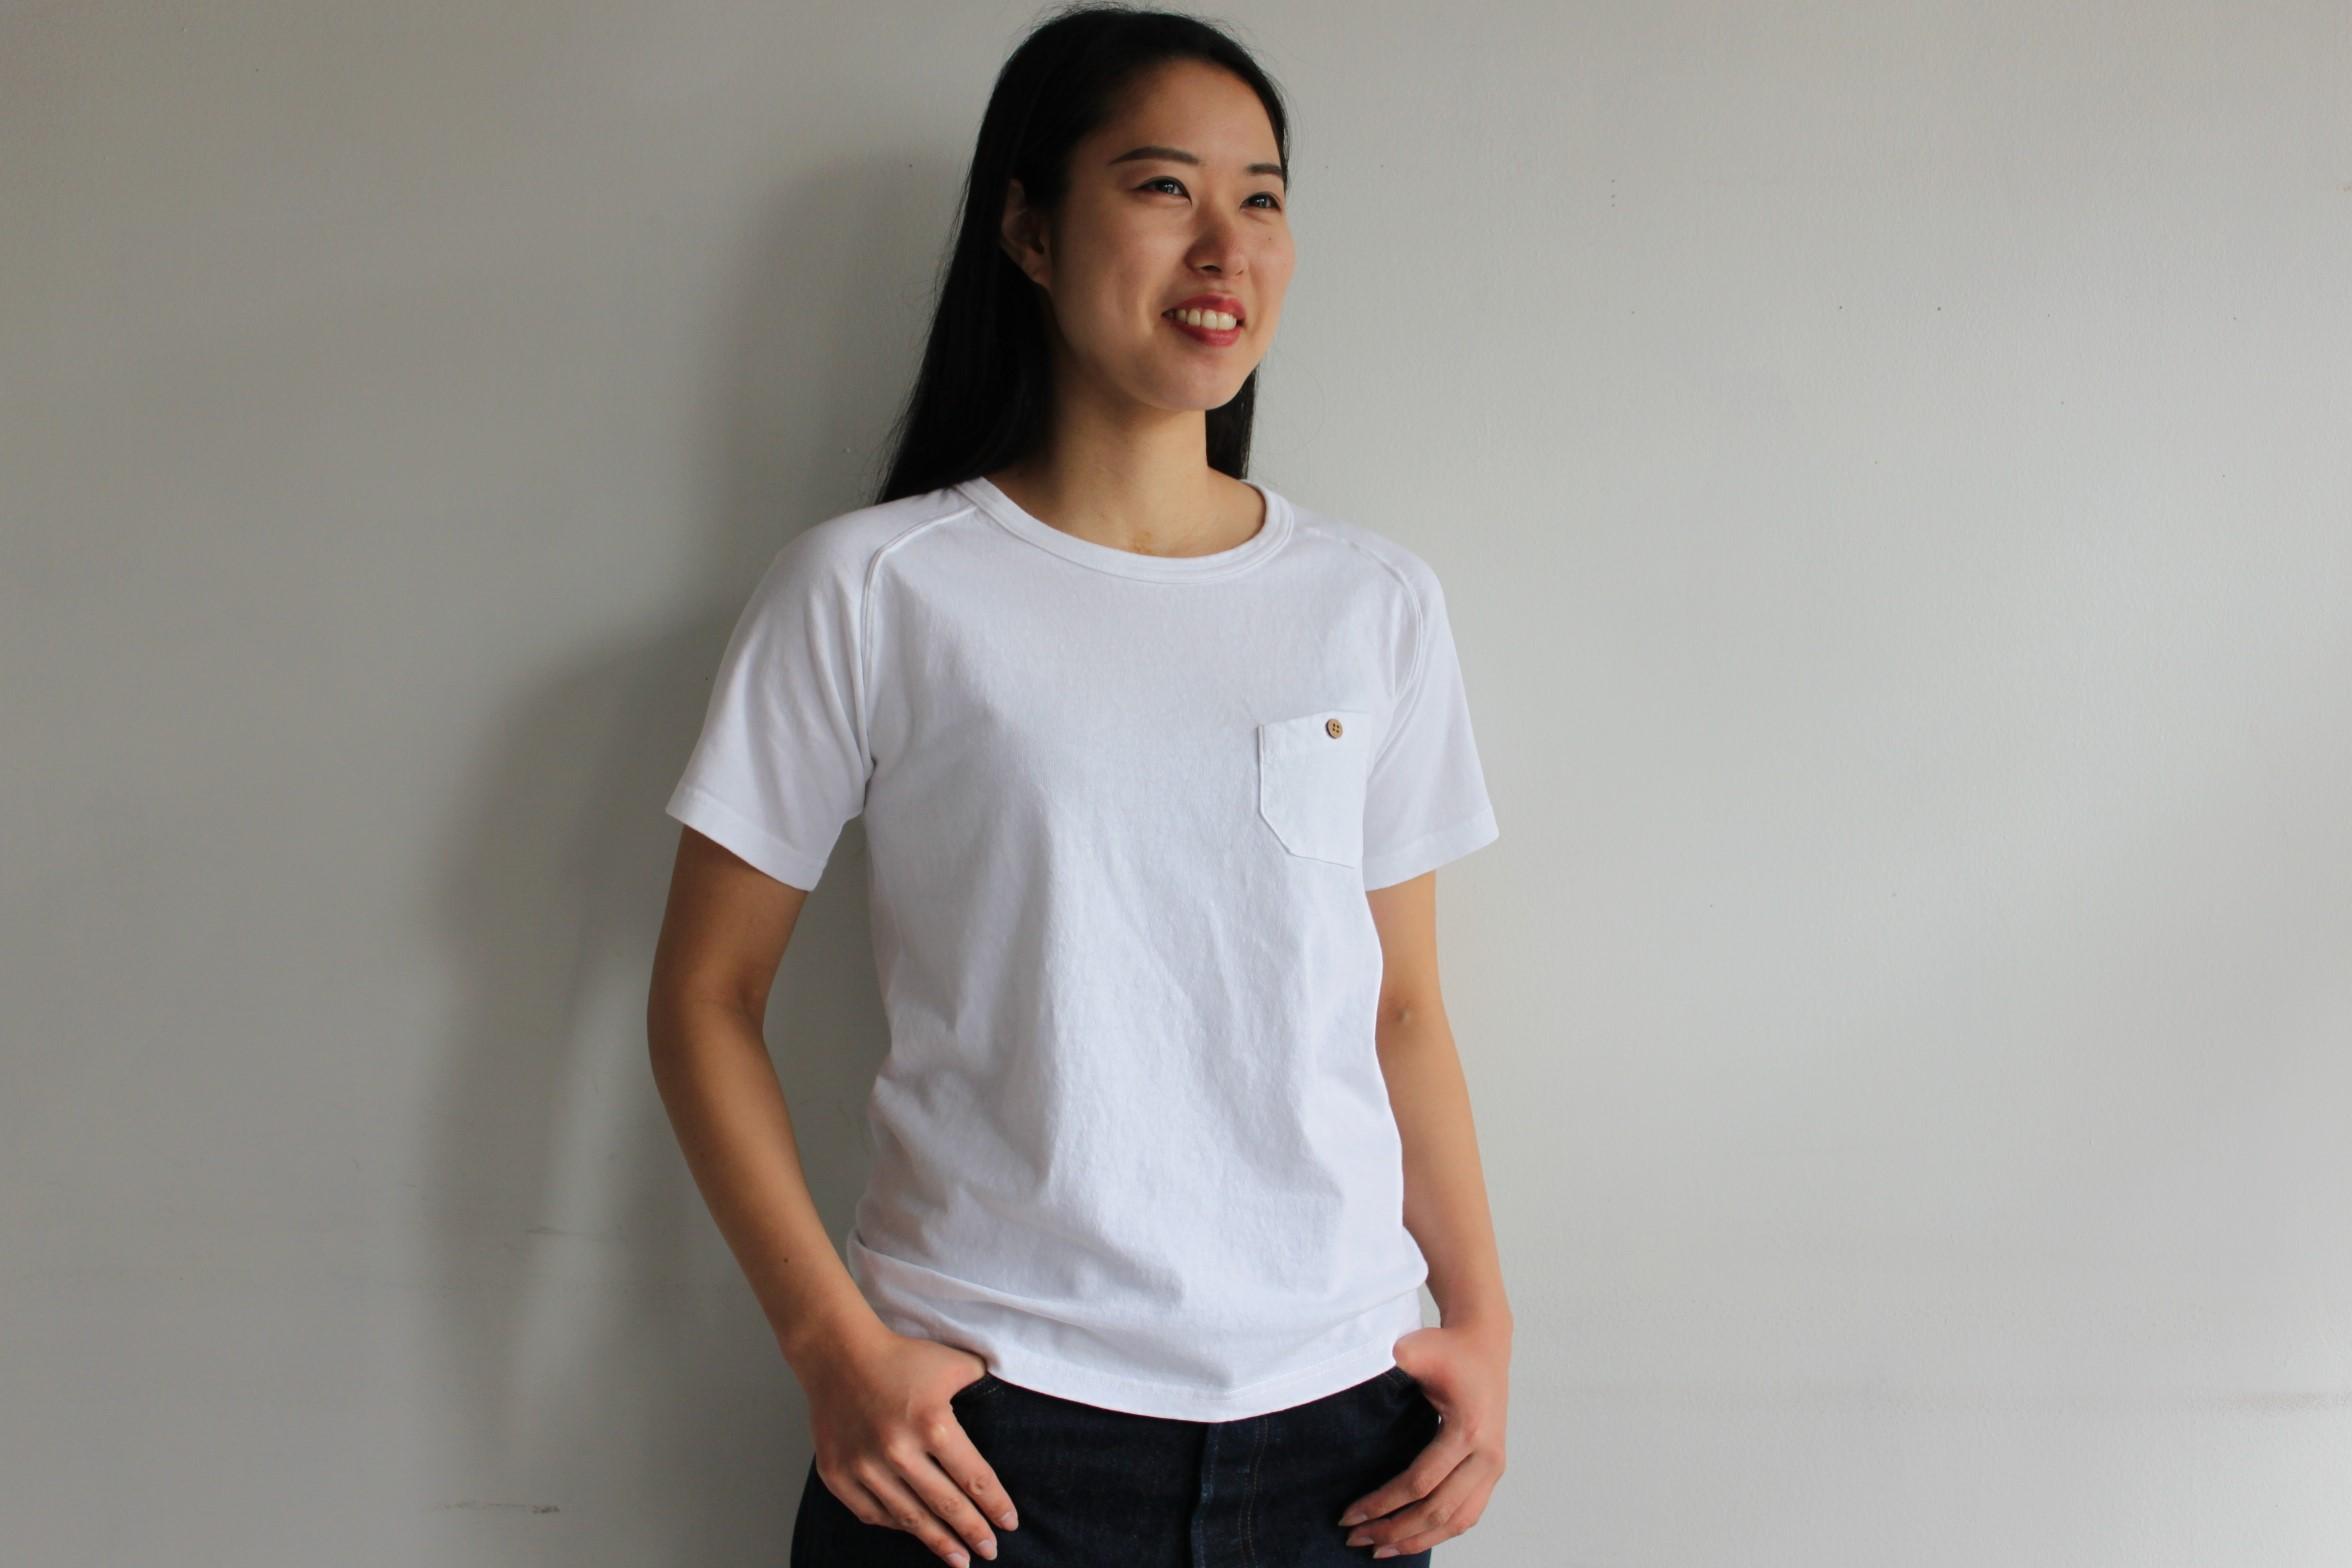 【Tシャツ】夏到来!速乾、ドライTシャツ、着るならどのメーカー?のサムネイル画像